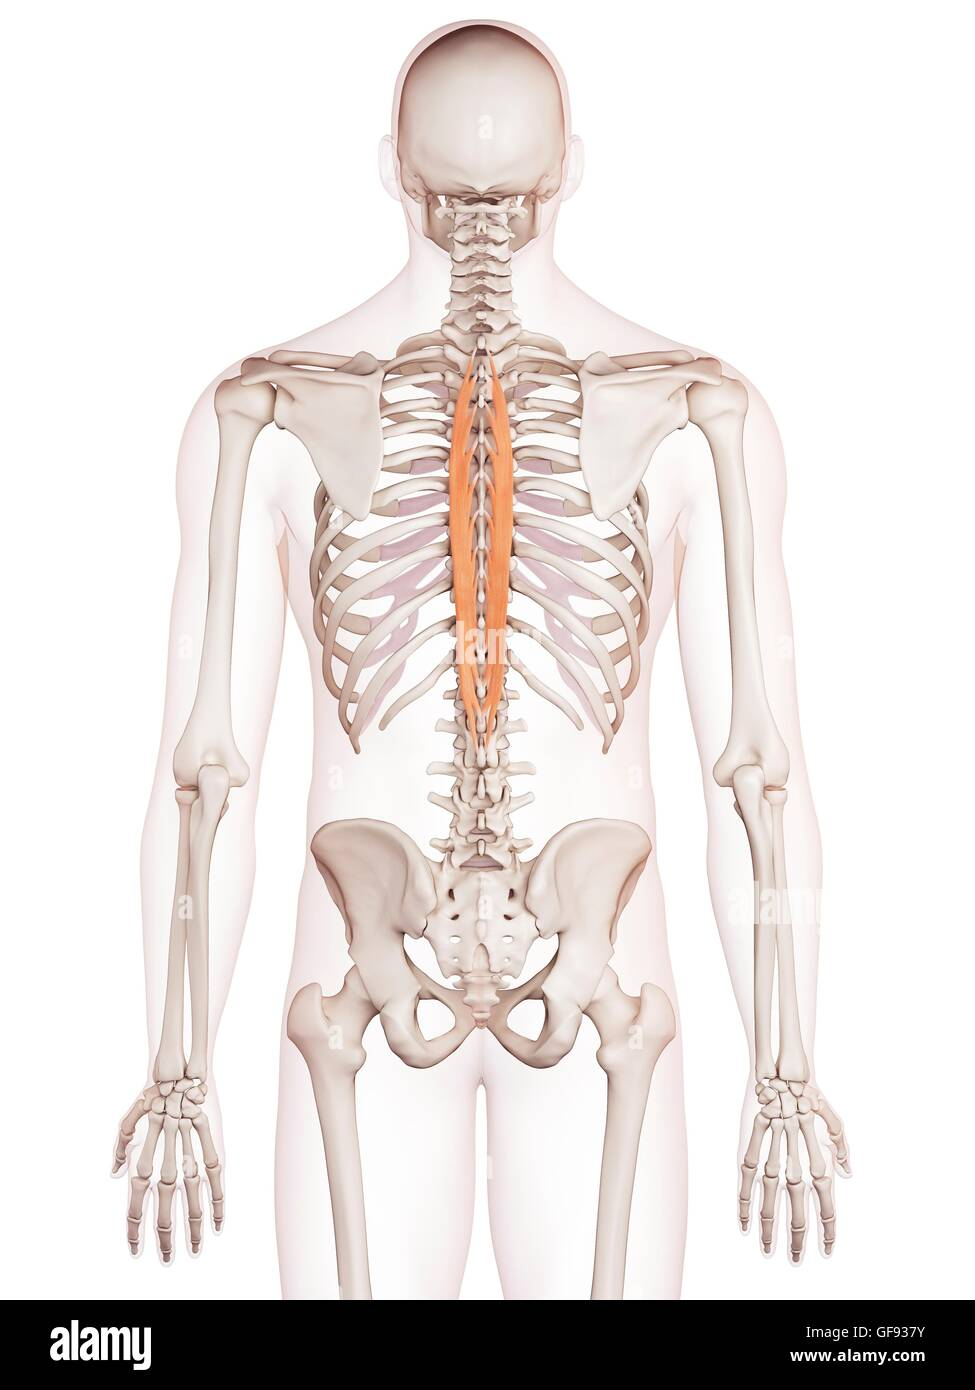 Bonito Diagrama Músculos De La Espalda Modelo - Anatomía de Las ...